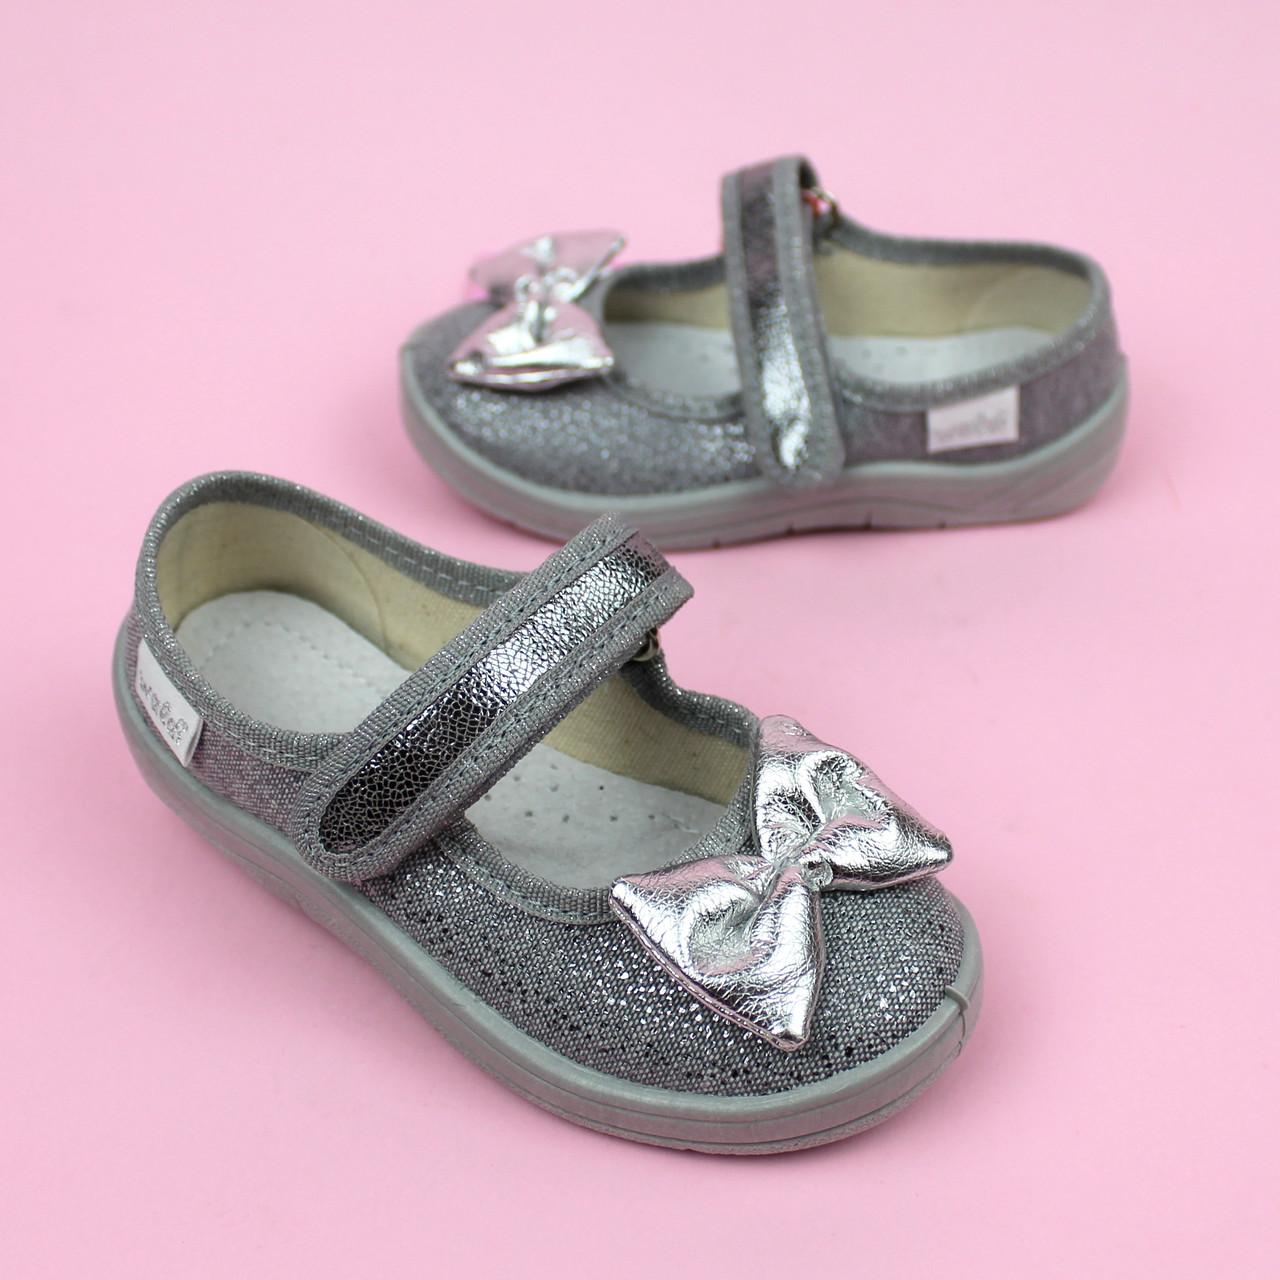 Детские текстильные туфли тапочки Алина серебряный бант размер 24,30 тм Waldi